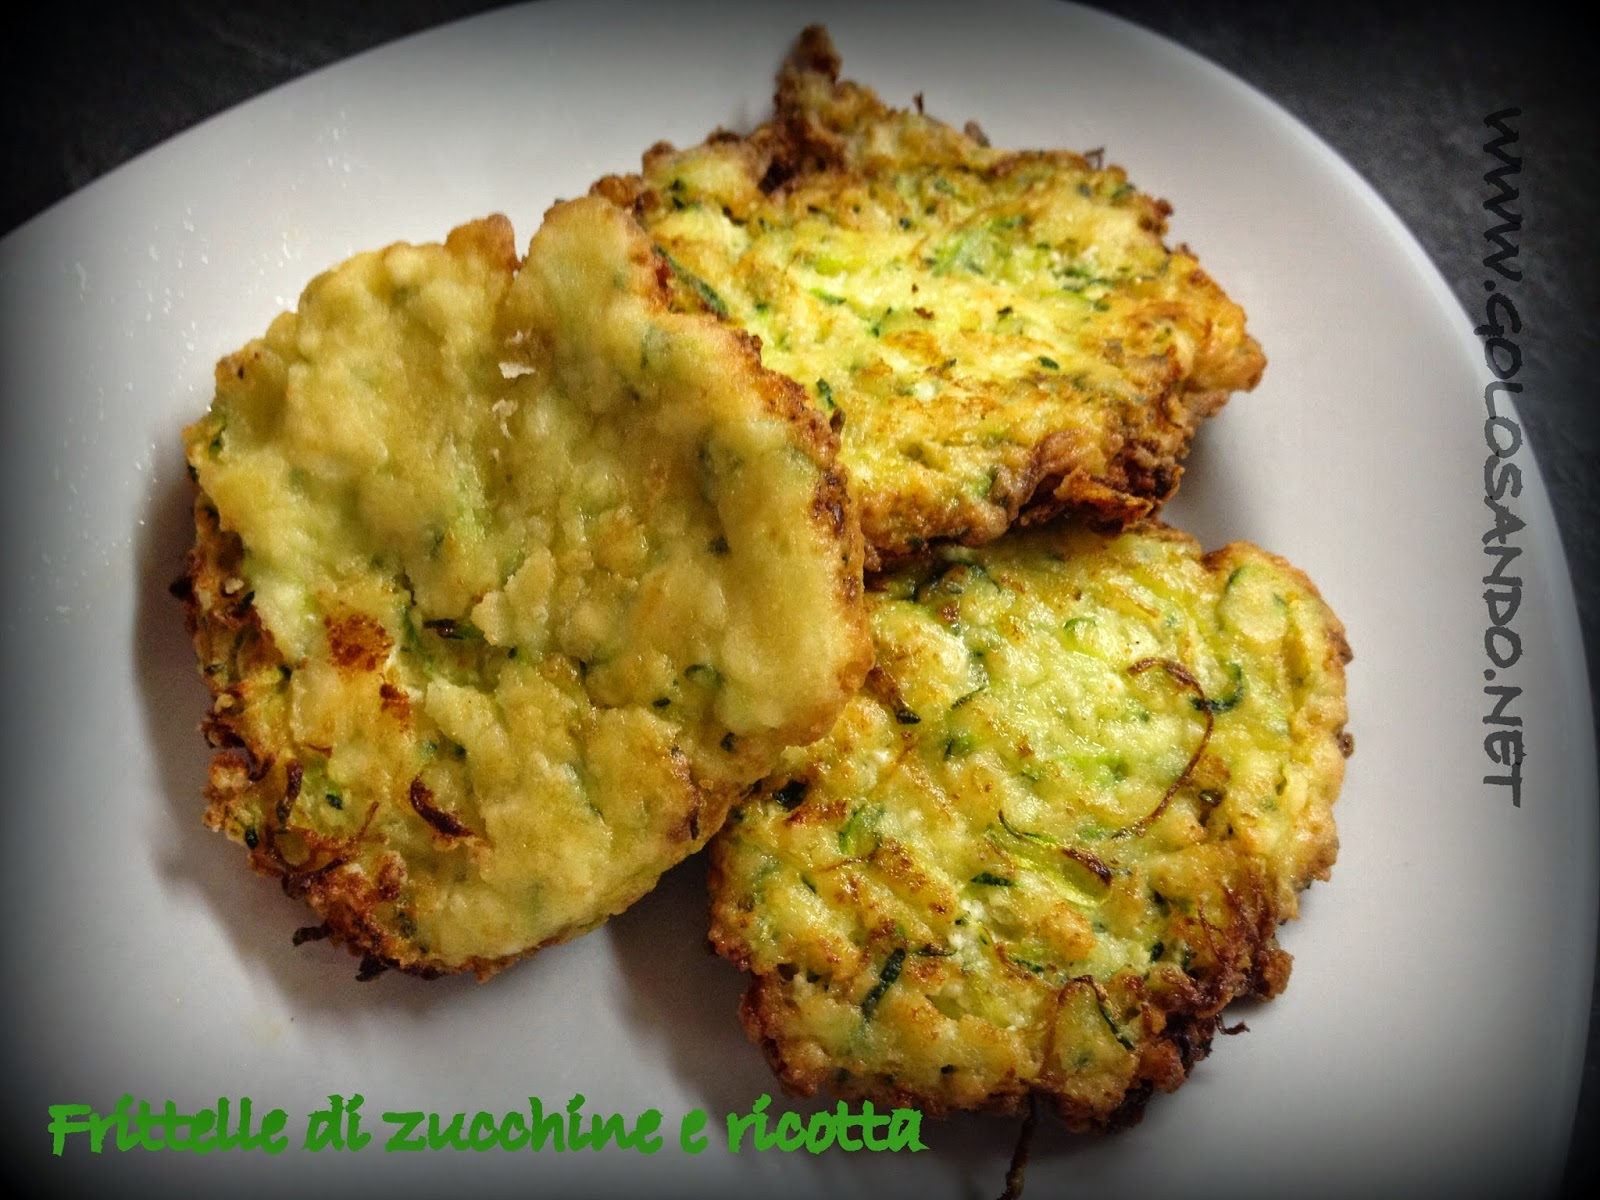 Super Golosandoserenamente!: Frittelle di zucchine e ricotta XE79